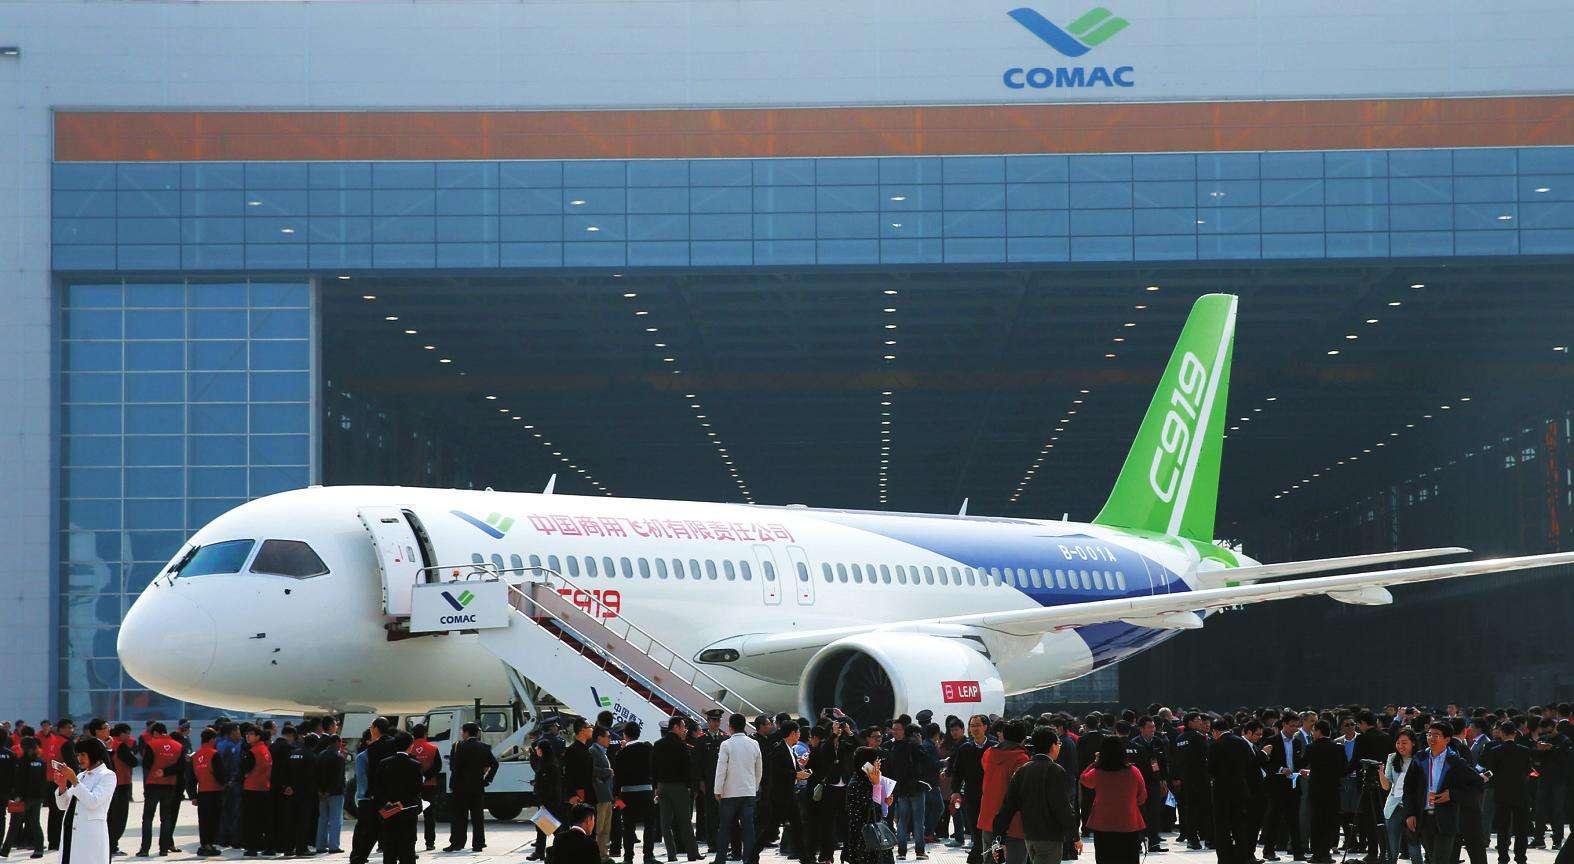 今天(4月18日),C919大型客机首飞放飞评审会在中国商飞公司试飞中心浦东准备基地召开。专家认为,C919已经通过首飞放飞评审,在完成后续高速滑行后,将择机进行首飞。